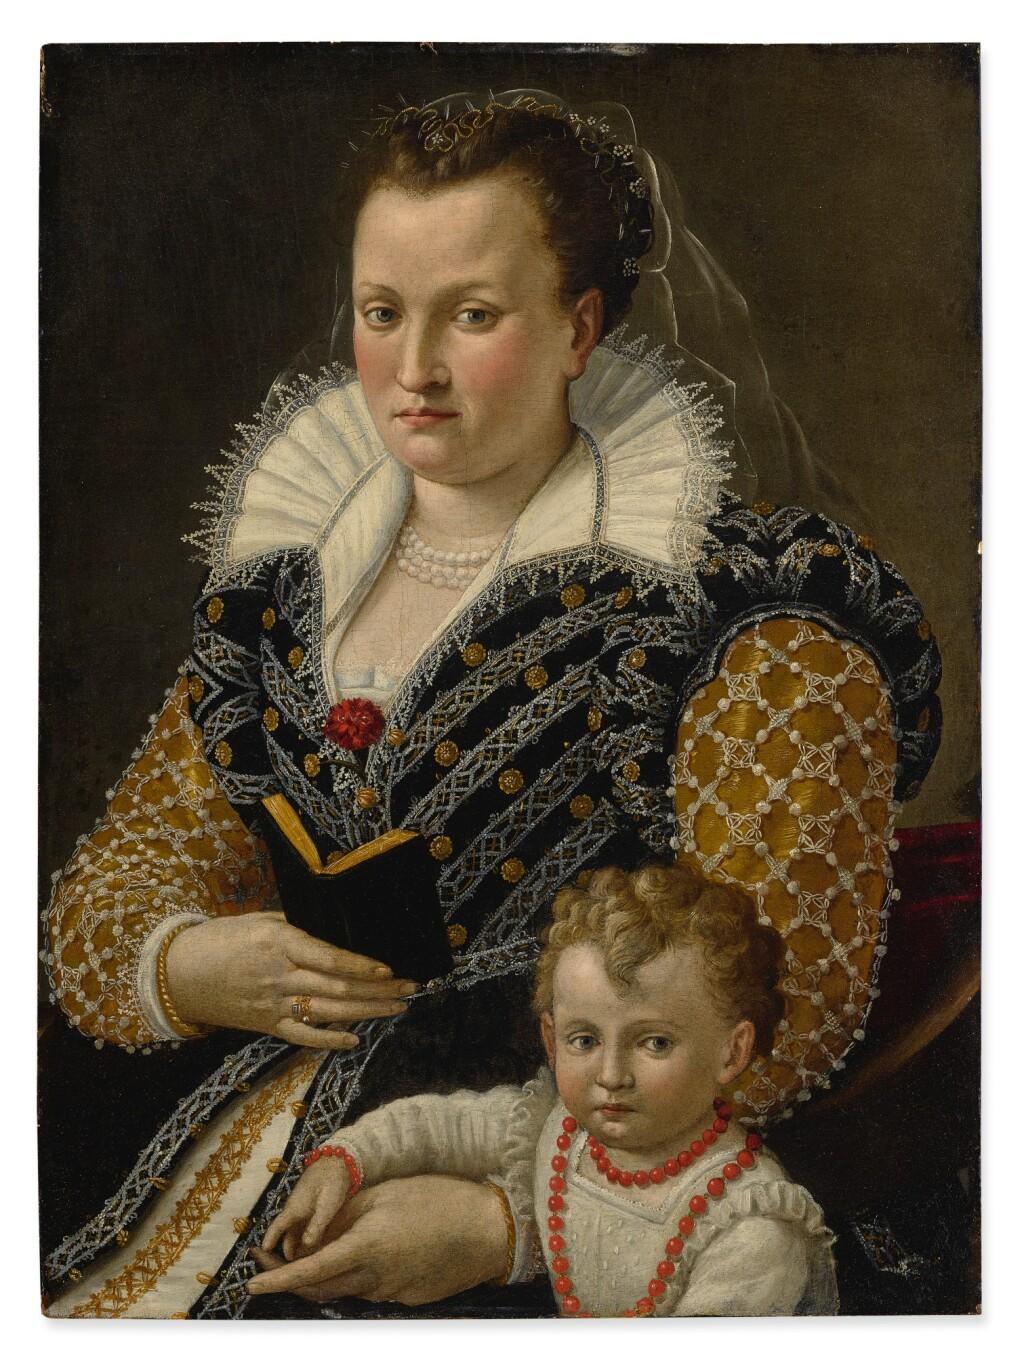 SEBASTIANO MARSILI | PORTRAIT OF ALESSANDRA DI VIERI DE' MEDICI (B. 1549) AT AGE 32 WITH HER SON OTTAVIANO (B. 1577), THREE-QUARTER LENGTH